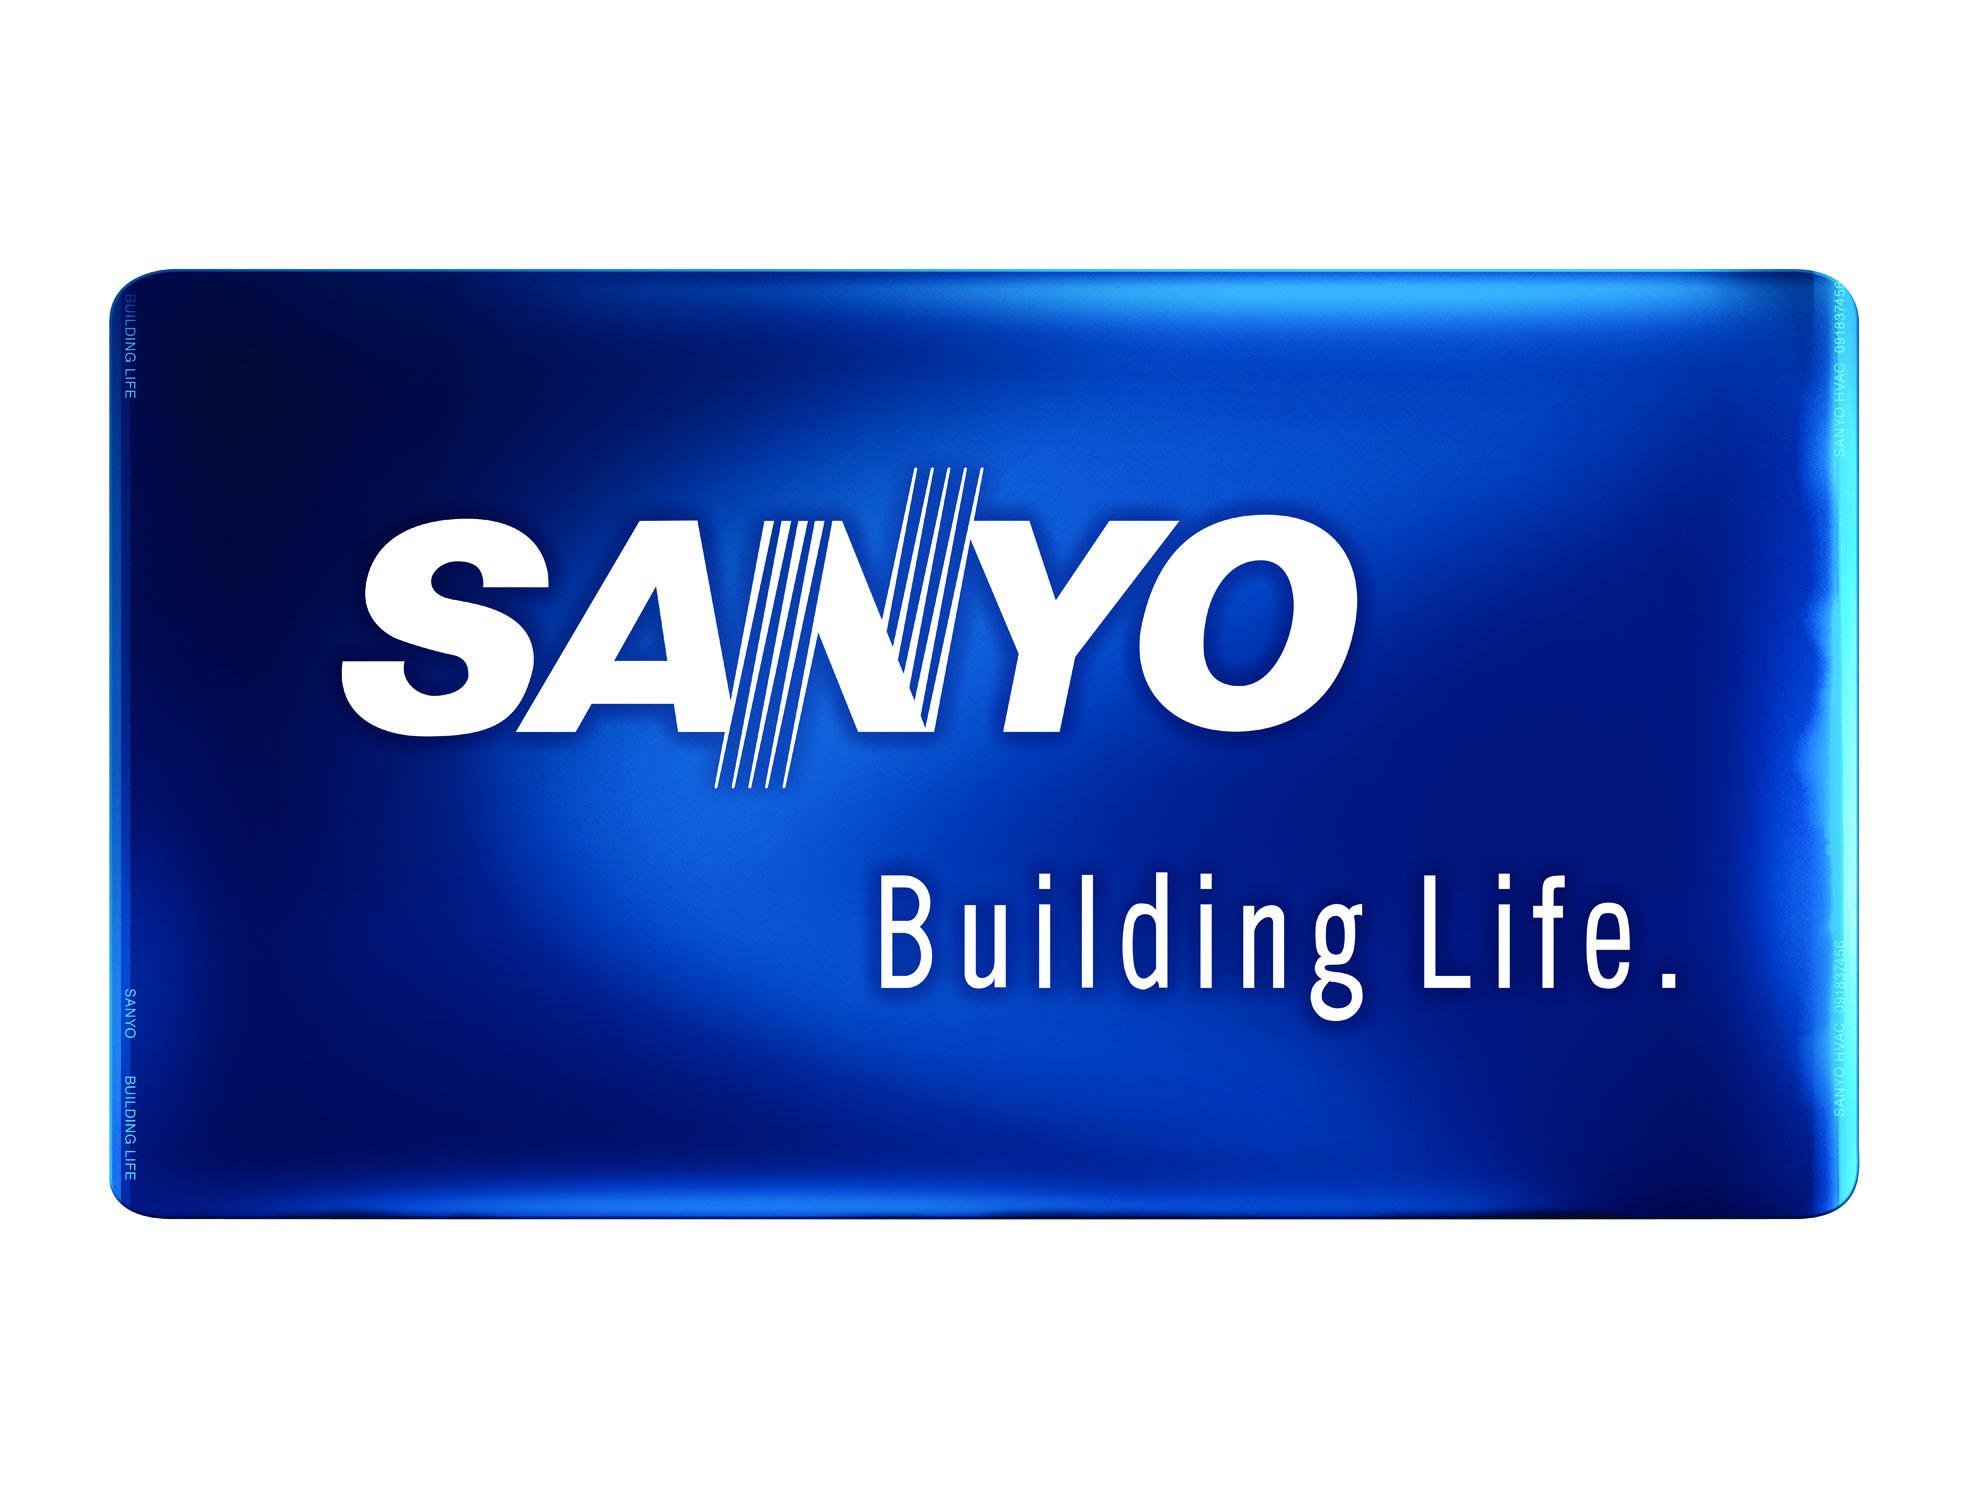 SANYO-HVAC logo2send.jpg